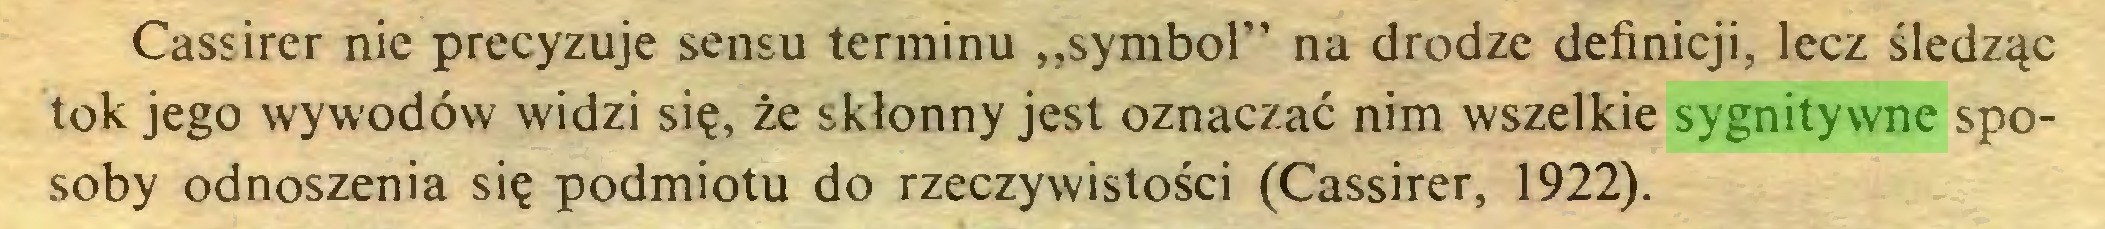 """(...) Cassirer nie precyzuje sensu terminu """"symbol"""" na drodze definicji, lecz śledząc tok jego wywodów widzi się, że skłonny jest oznaczać nim wszelkie sygnitywne sposoby odnoszenia się podmiotu do rzeczywistości (Cassirer, 1922)..."""